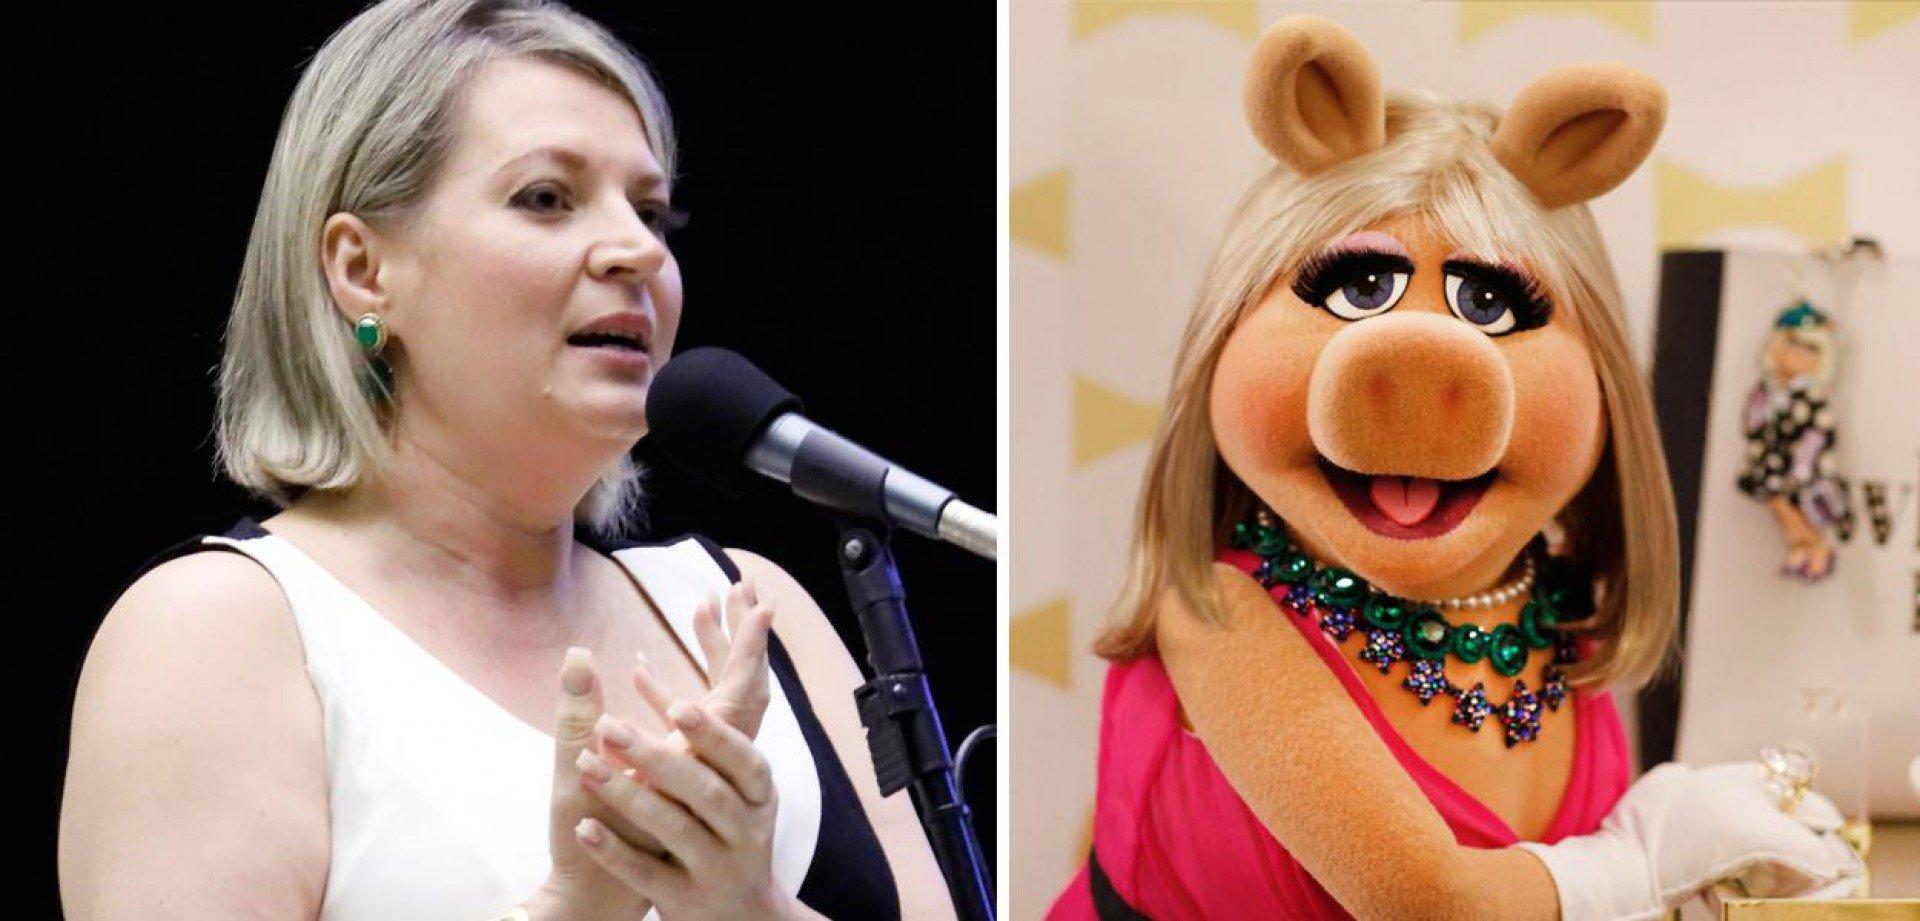 Joice Hasselmann é comparada por bolsonaristas à personagem Miss Piggy, dos Muppets, e decidiu usar isso a seu favor. Mas Disney não autorizou uso da imagem - Maryanna Oliveira/Câmara dos Deputados | Divulgação